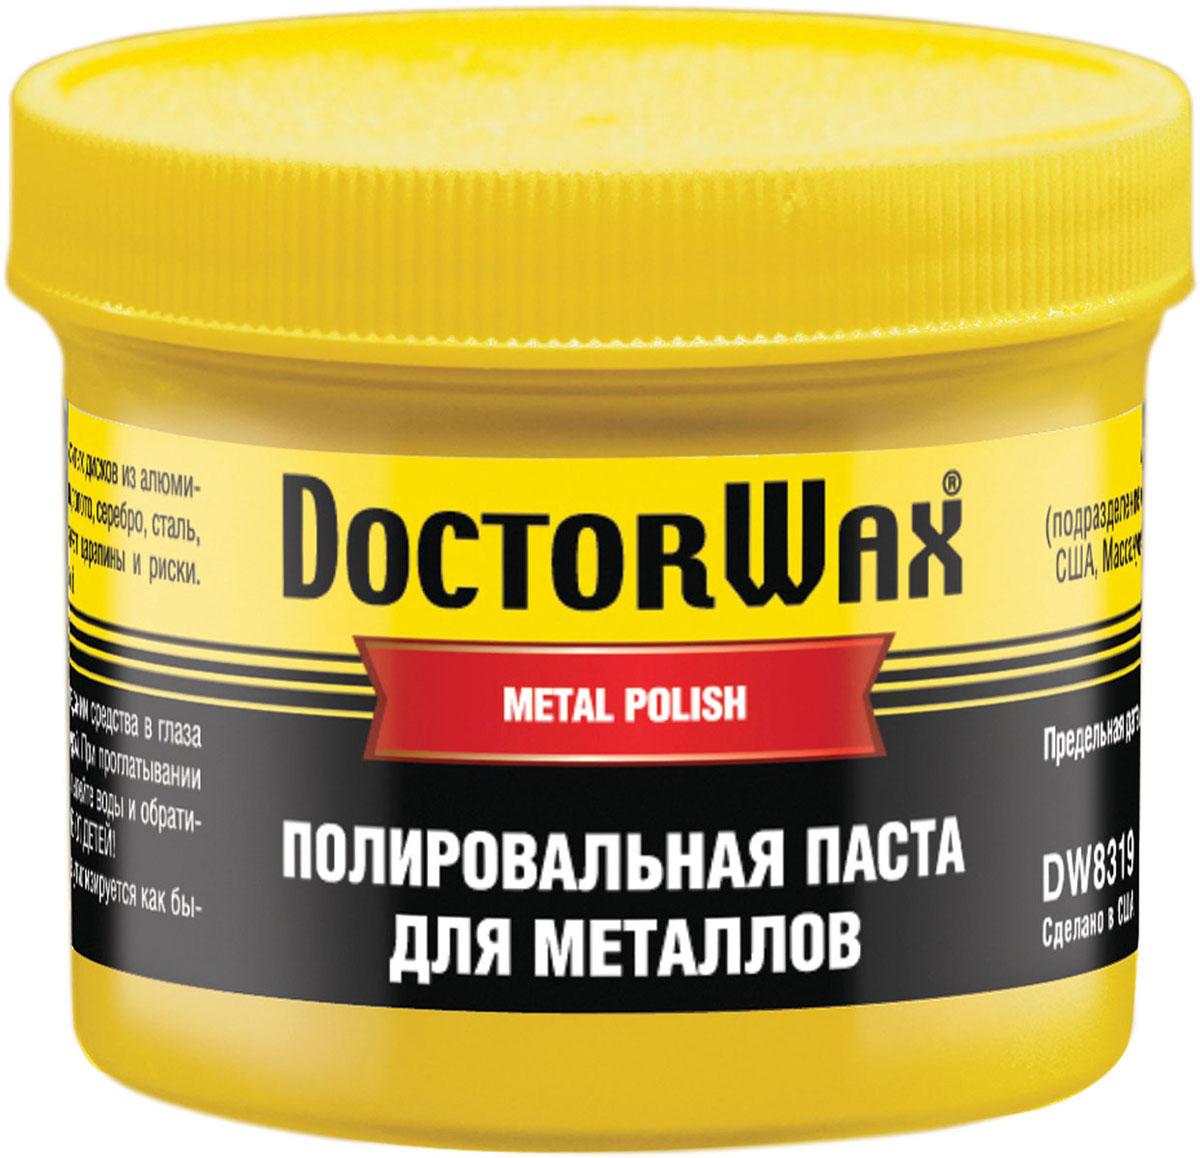 Паста для металлов Doctor Wax. DW 83196.295-760.0Профессиональная формула. Идеально подходит дляполированных литых дисков из алюминиевых и магниевых сплавов. Очищает и полирует бронзу, алюминий, золото, серебро, сталь, хром. Эффективно удаляетокислы, ржавчину, загрязнения, устраняет царапины и риски. Не содержит грубых абразивов и агрессивных химических очистителей. Может использоваться дляполировки фар и указателей поворотов из прозрачного пластика